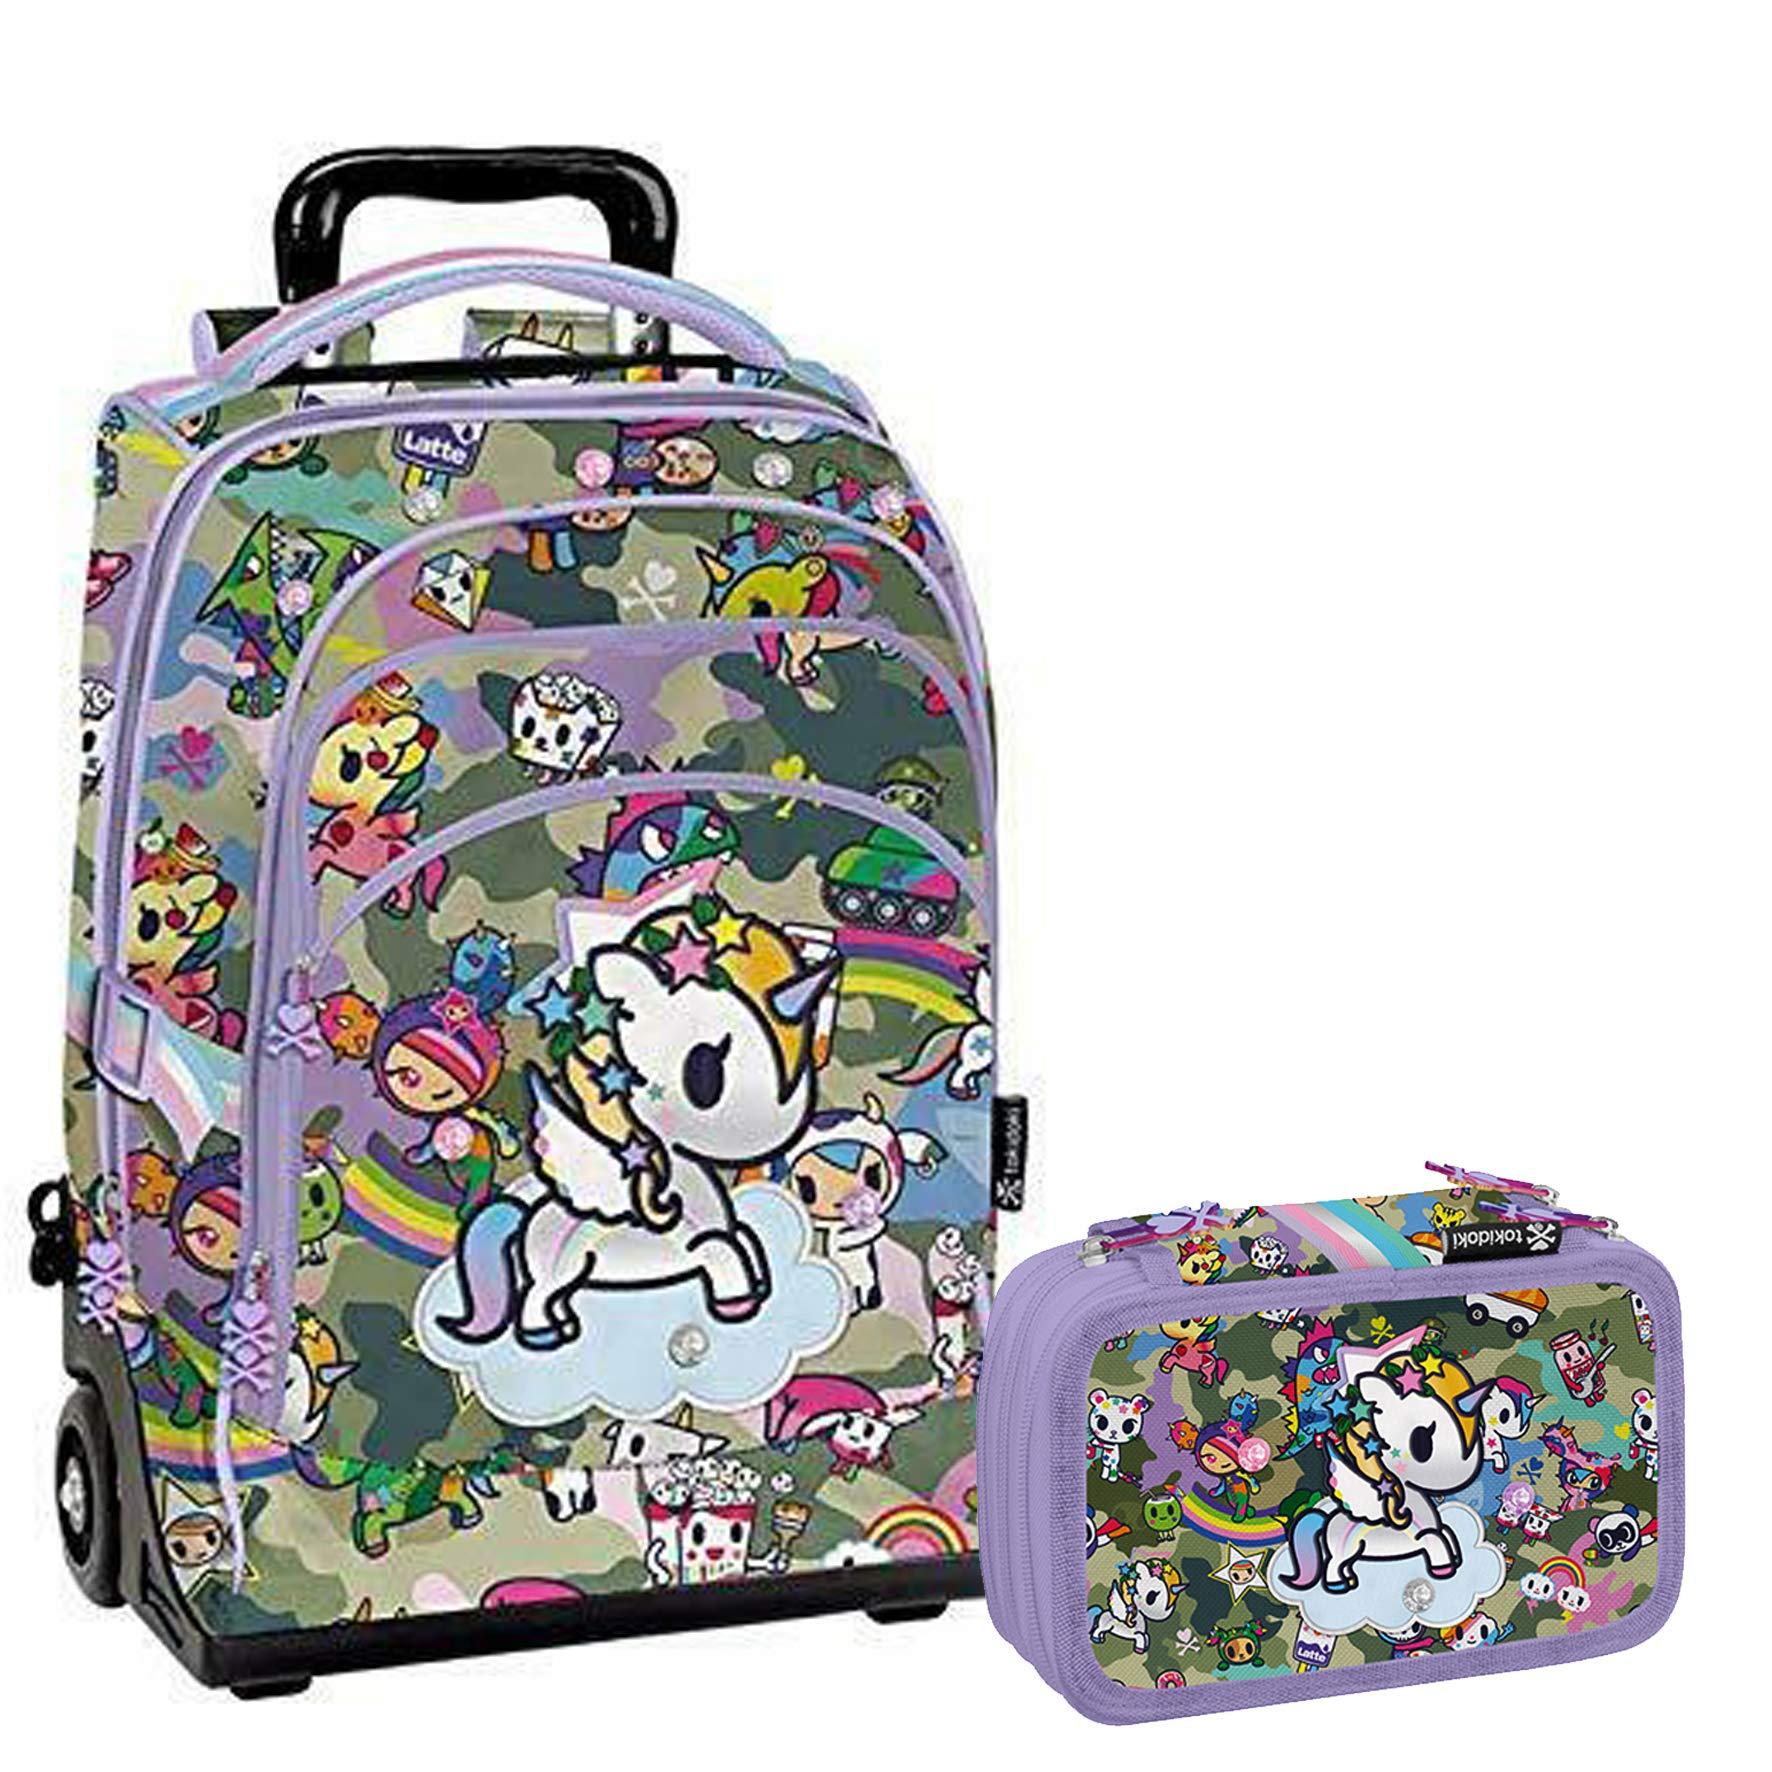 metà fuori dc1c9 879e6 Tokidoki Unicorno Schoolpack Zaino Trolley + Astuccio 3 zip ...